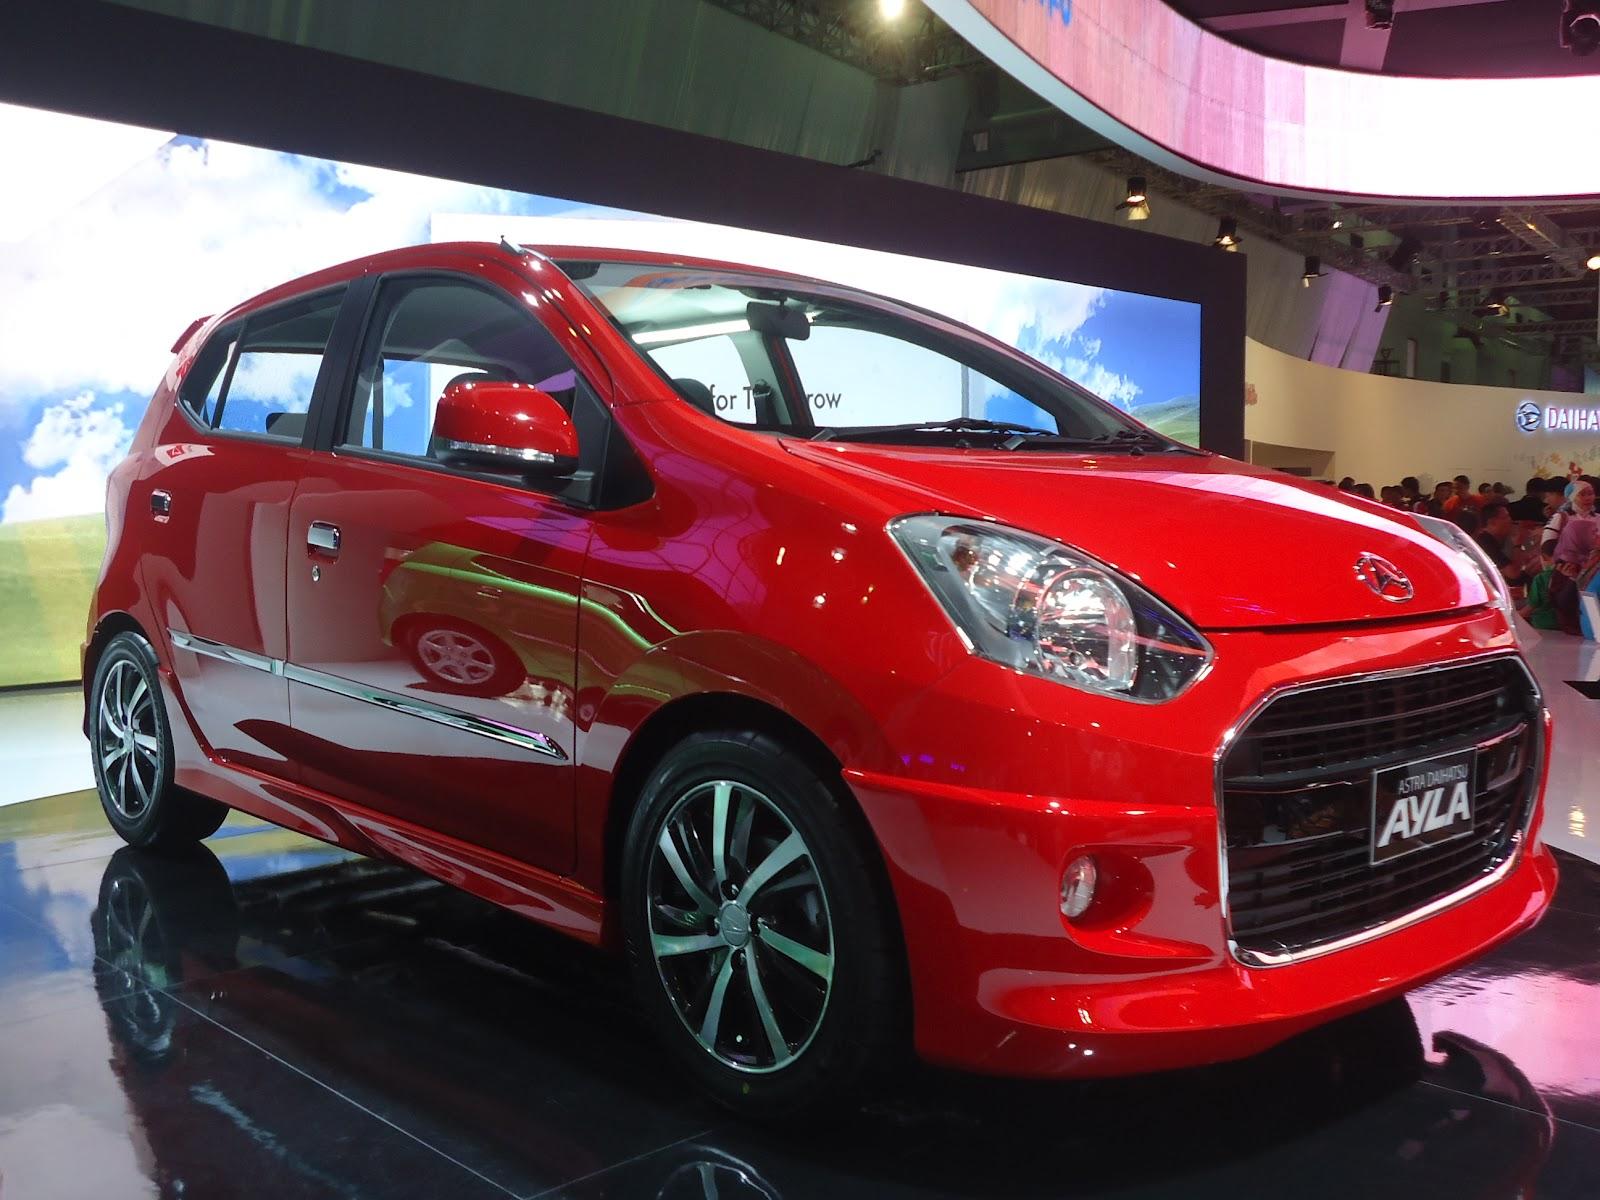 Gambar Mobil Daihatsu Ayla Terbaru